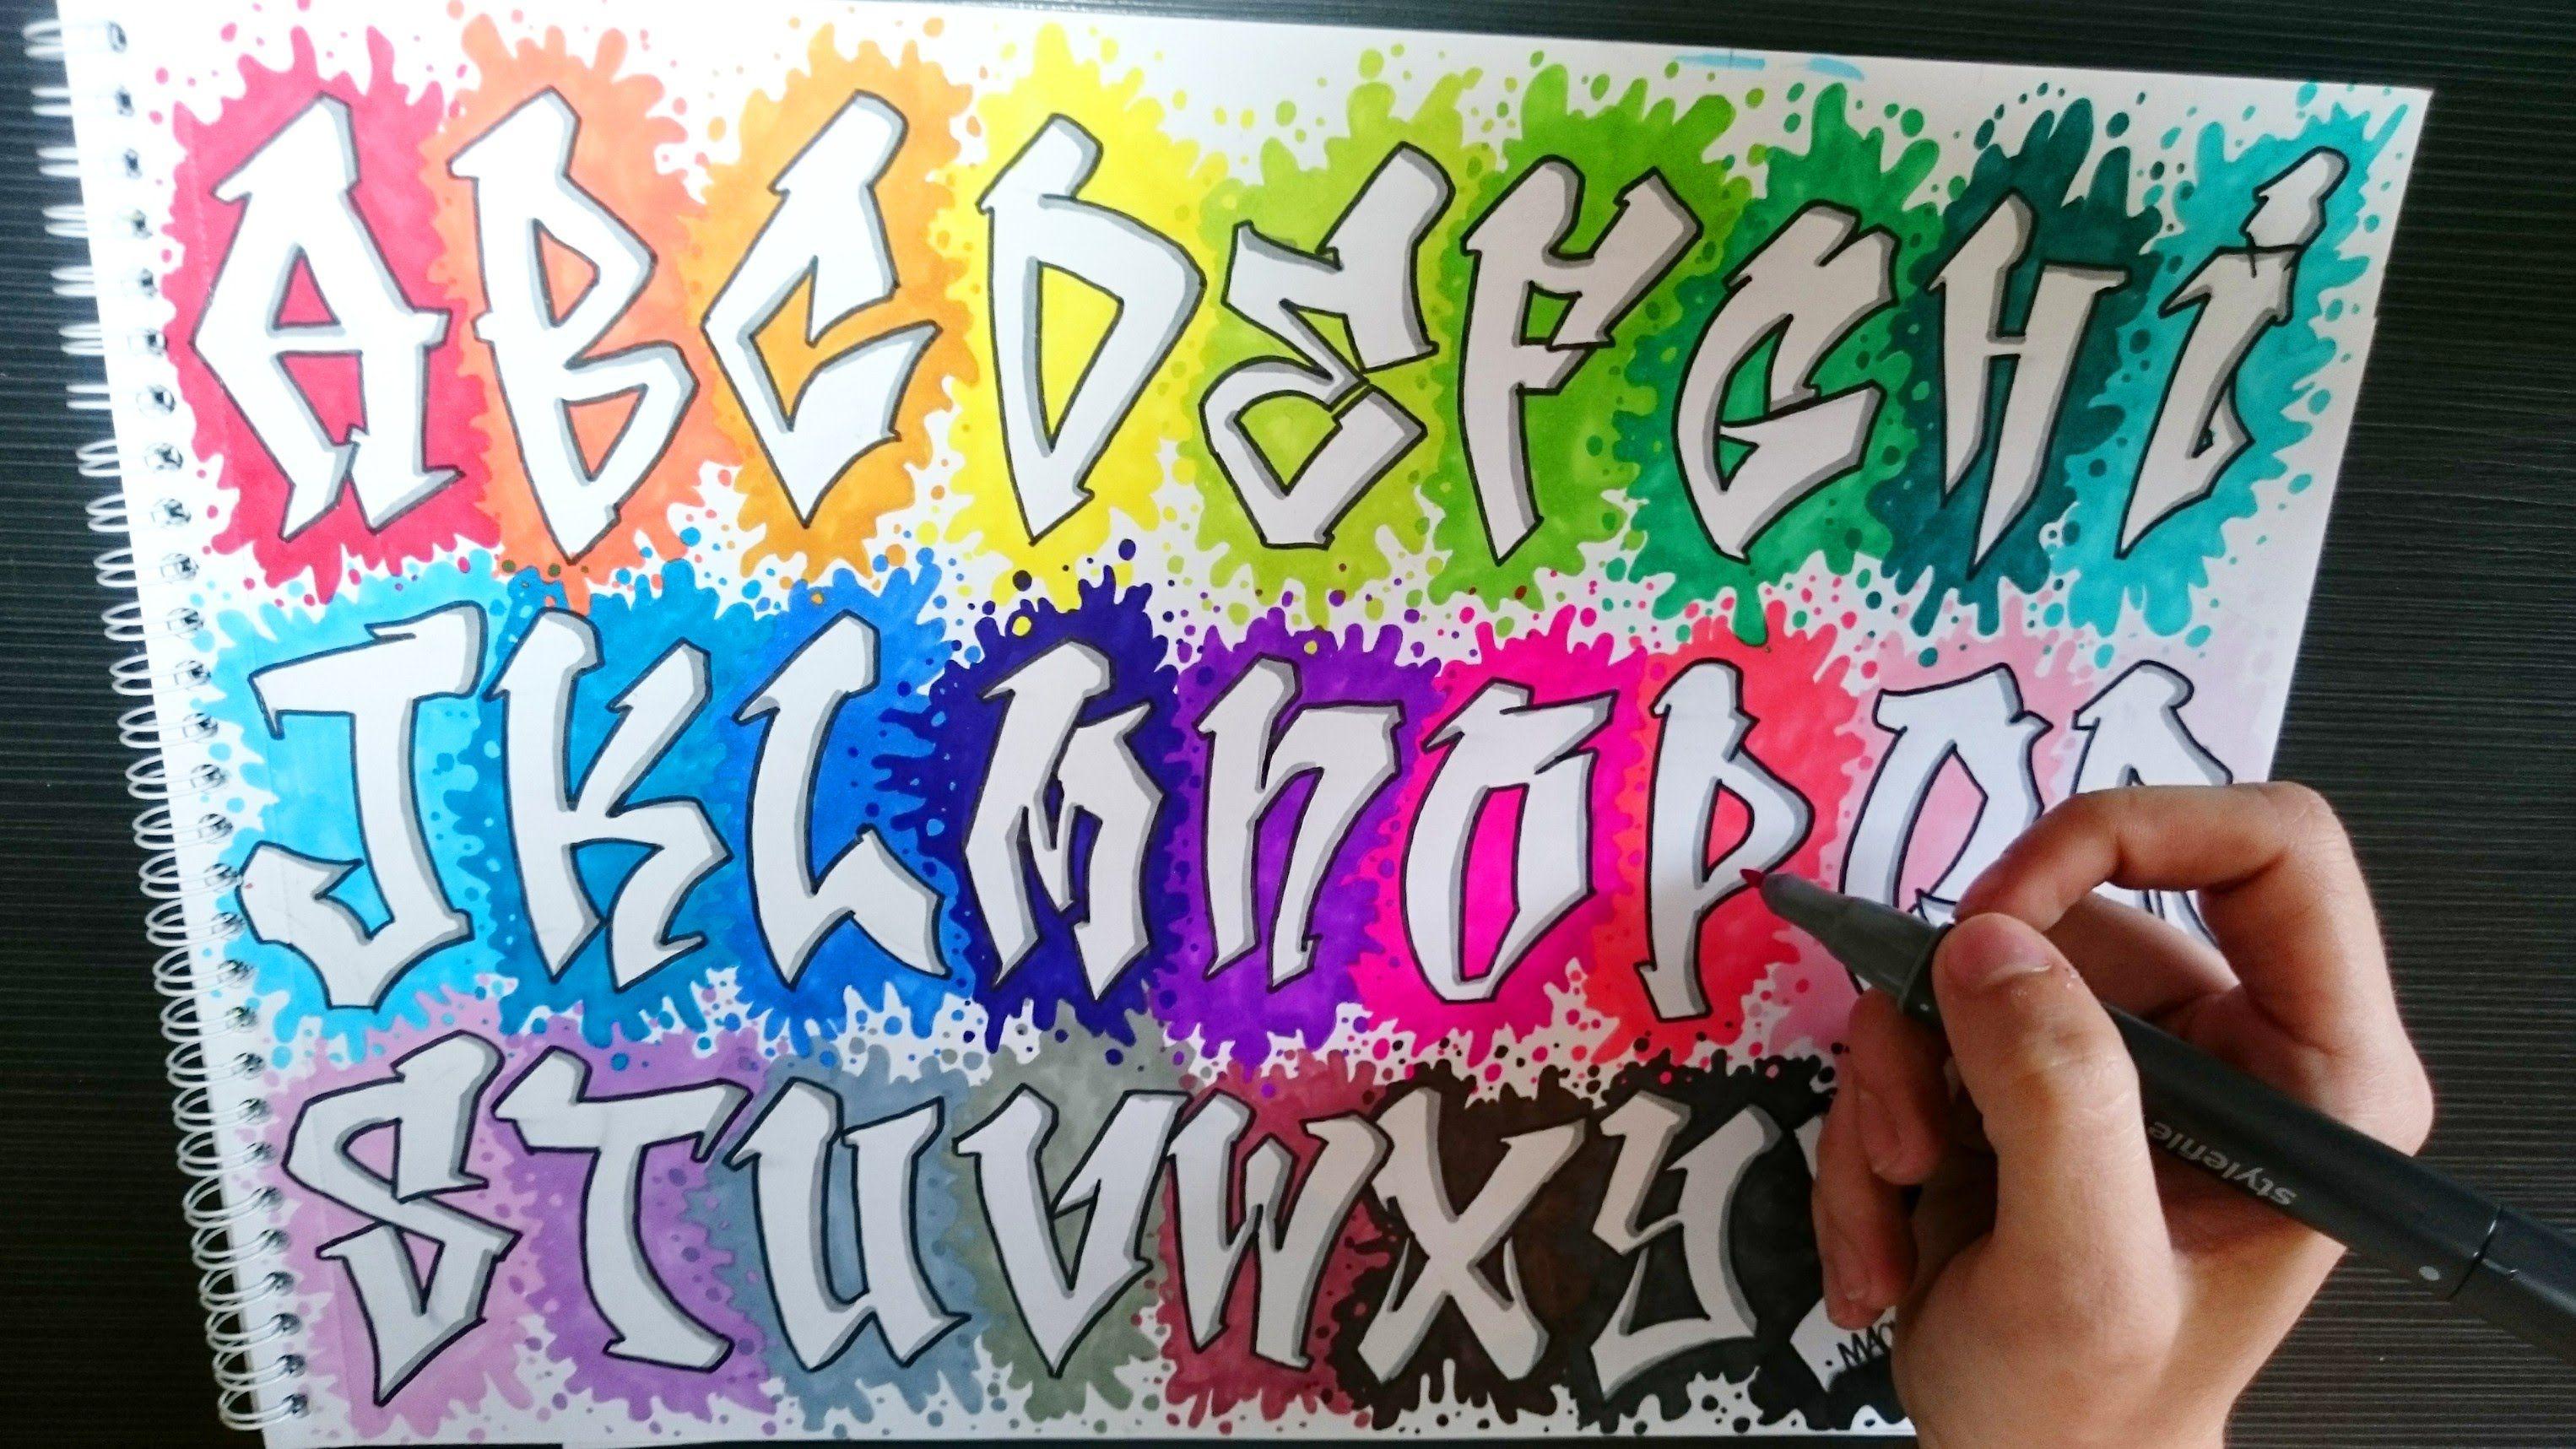 Abecedario De Letras De Graffitis Abecedario En Graffiti